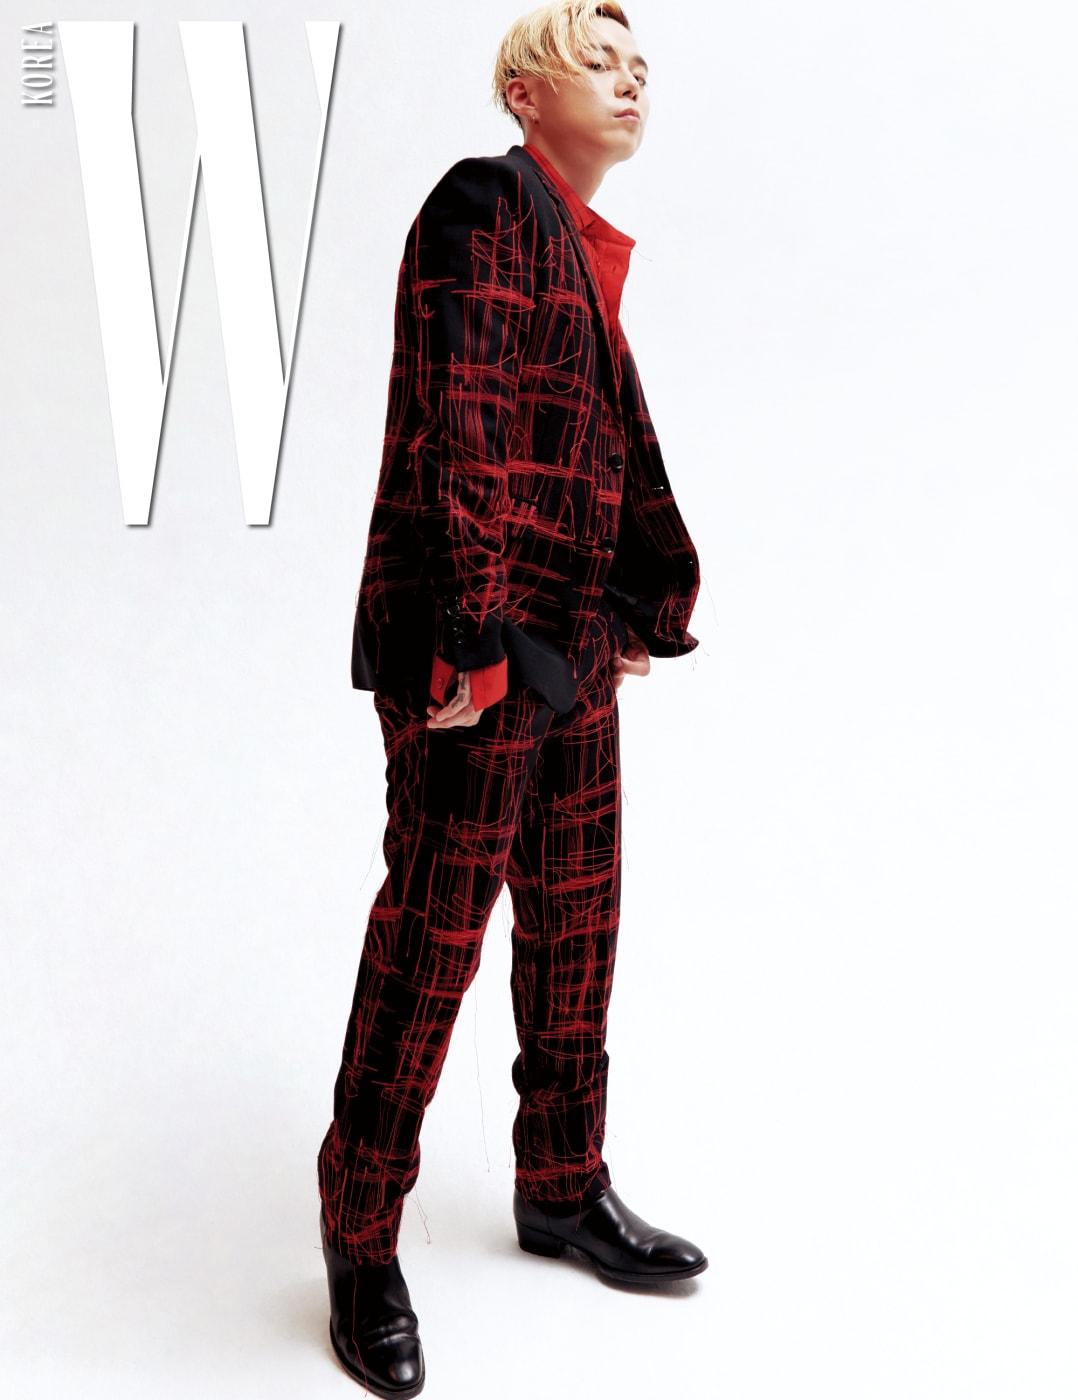 해진 듯한 세부 장식이 특징인 슈트와 붉은색 셔츠는 디올 옴므, 신발은 생로랑 제품